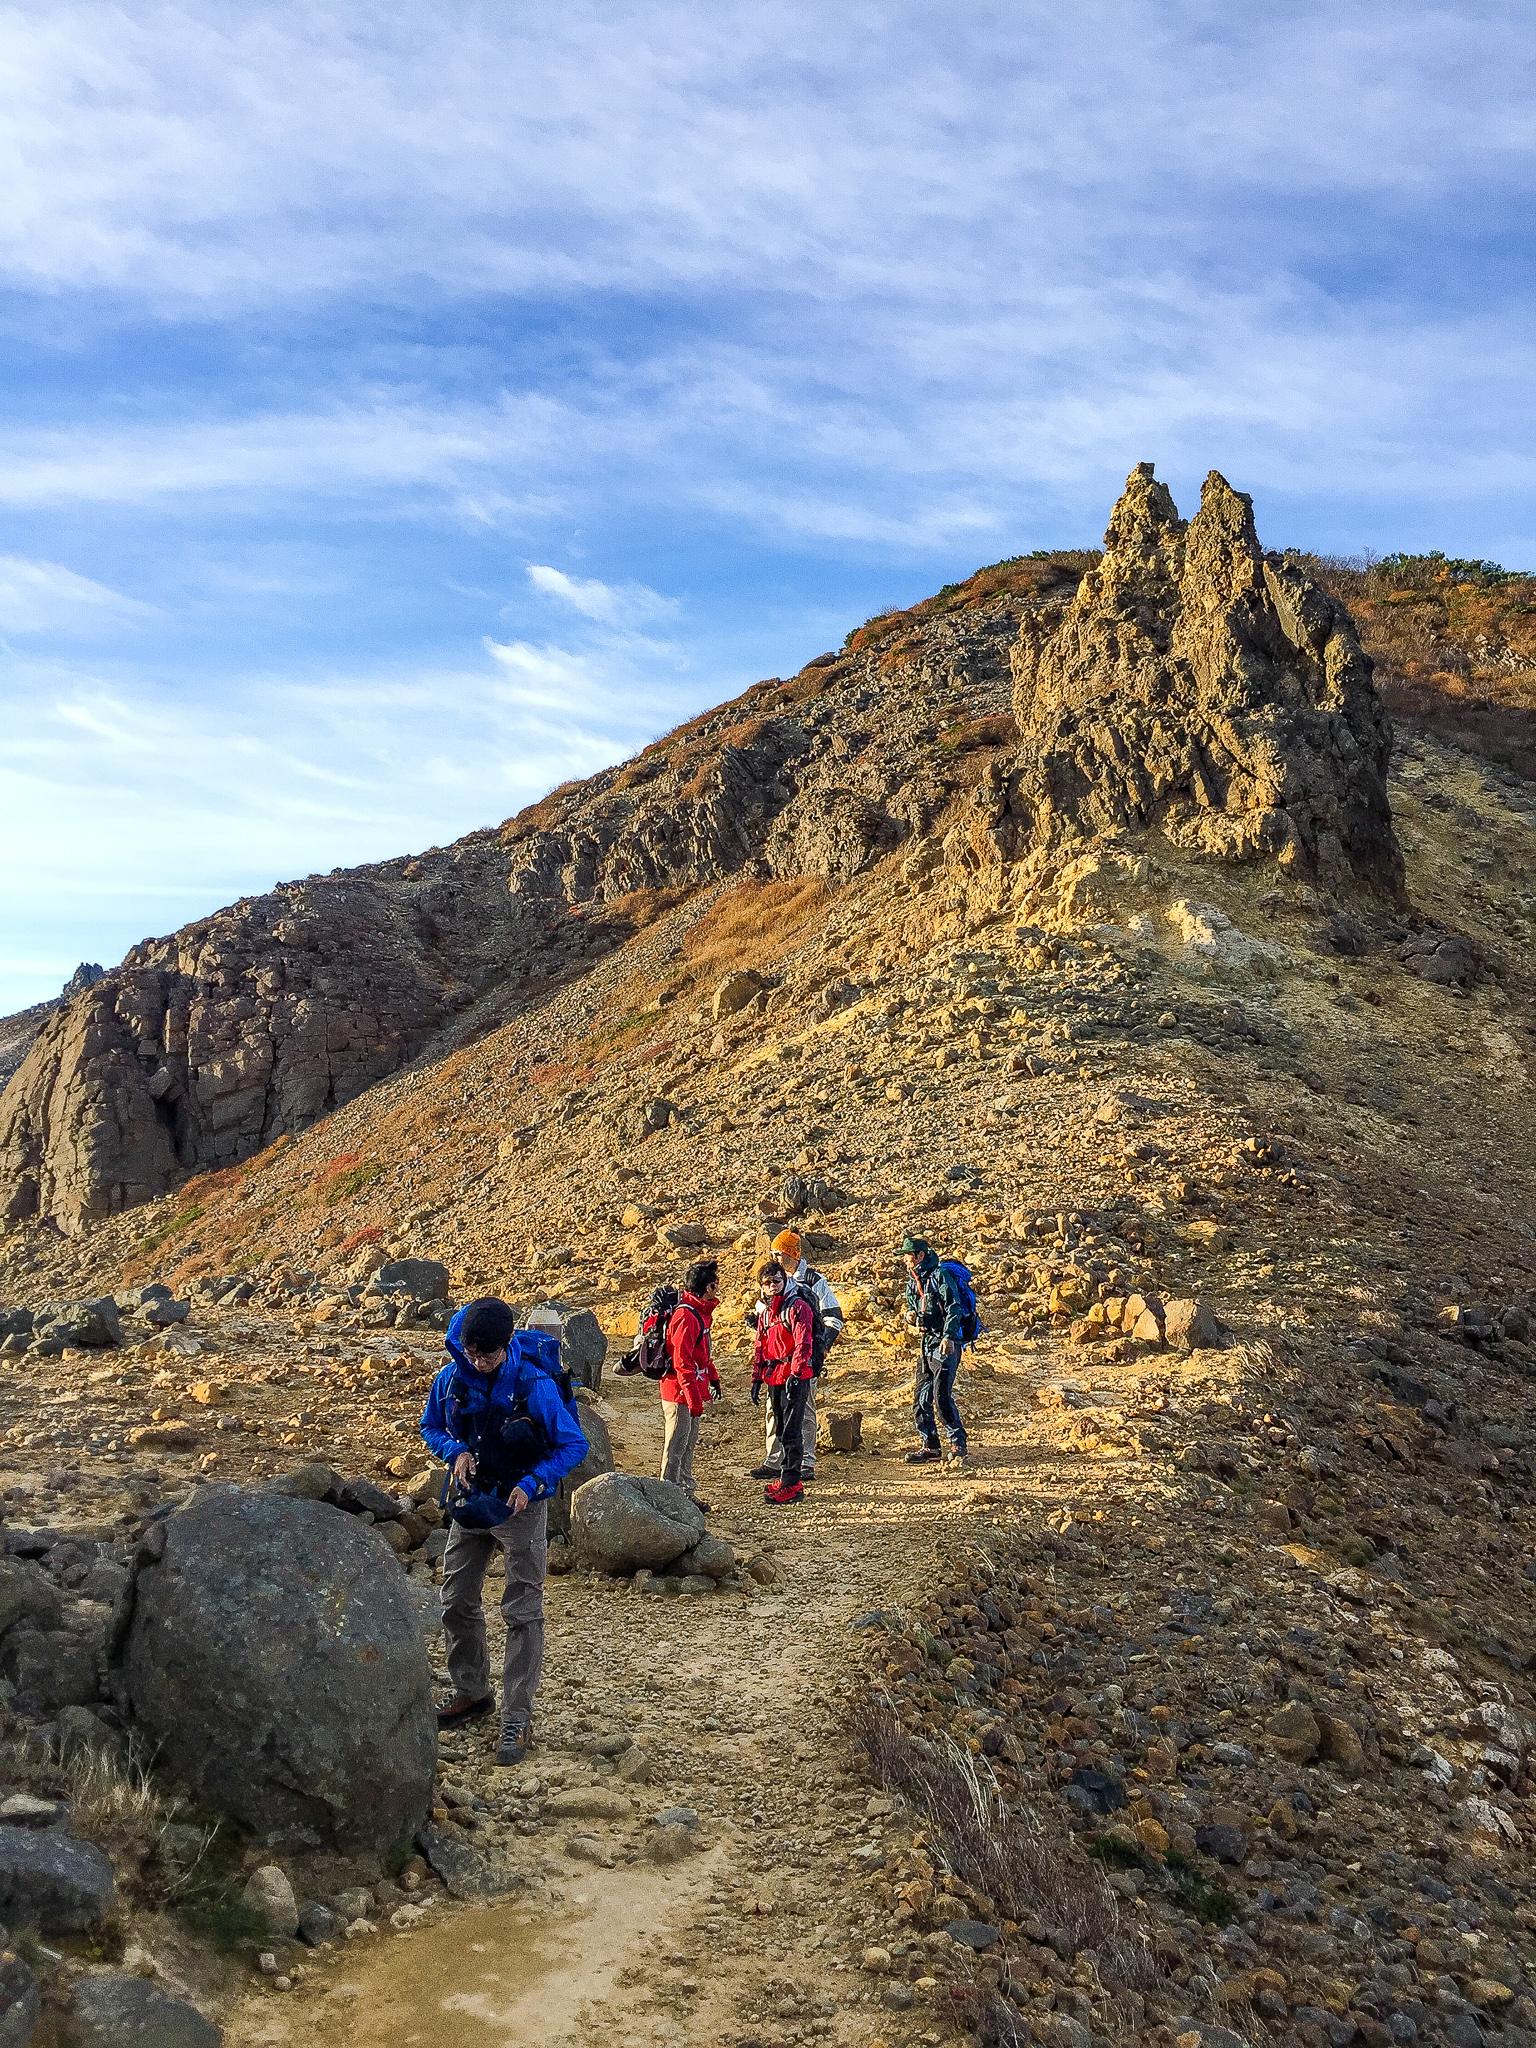 那須岳・尖った岩が印象的な剣ヶ峰